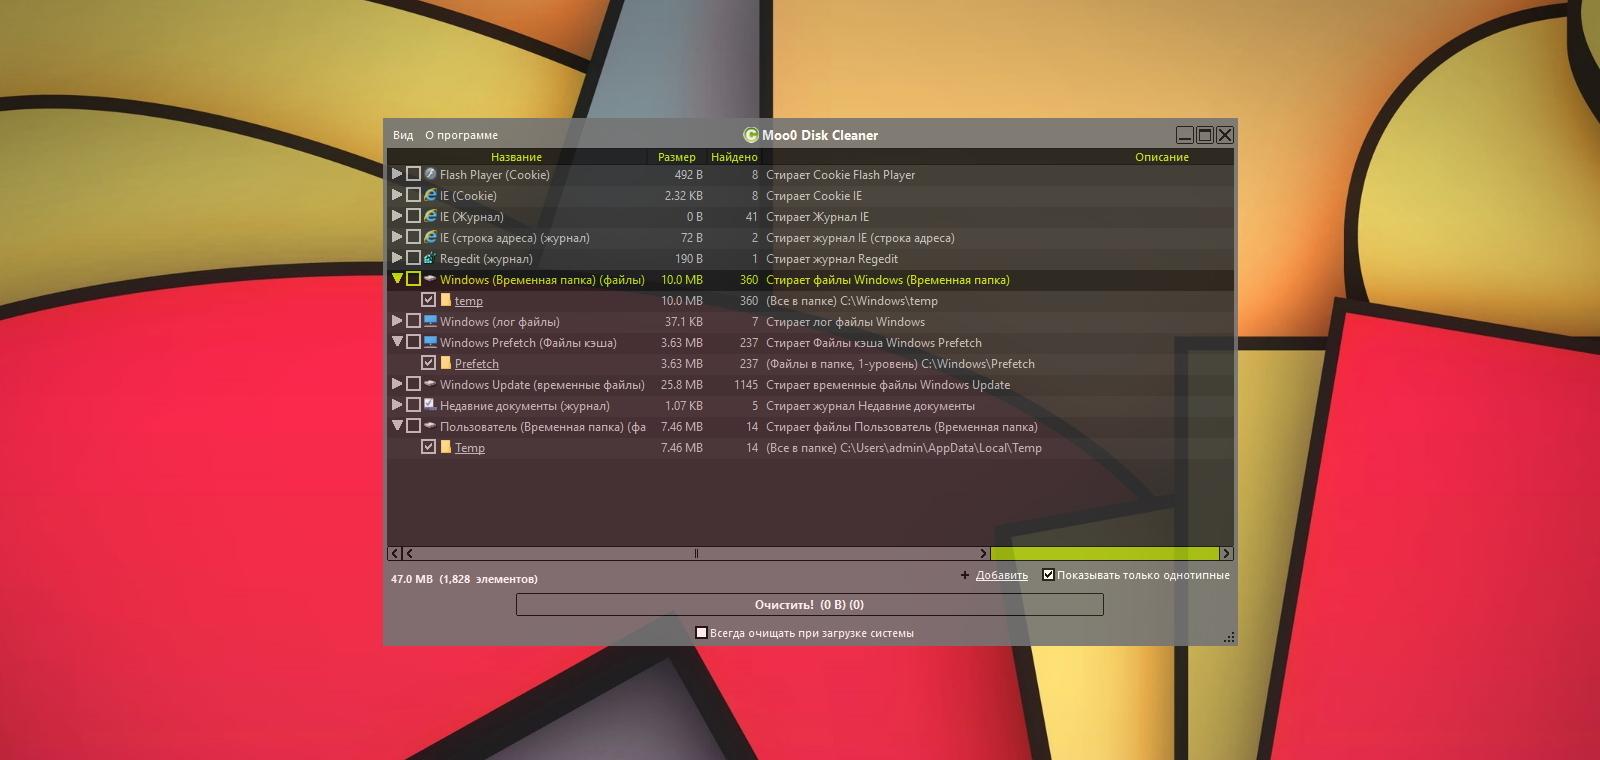 Moo0 Disk Cleaner — простая, портабельная программа для очистки жесткого диска от временных файлов